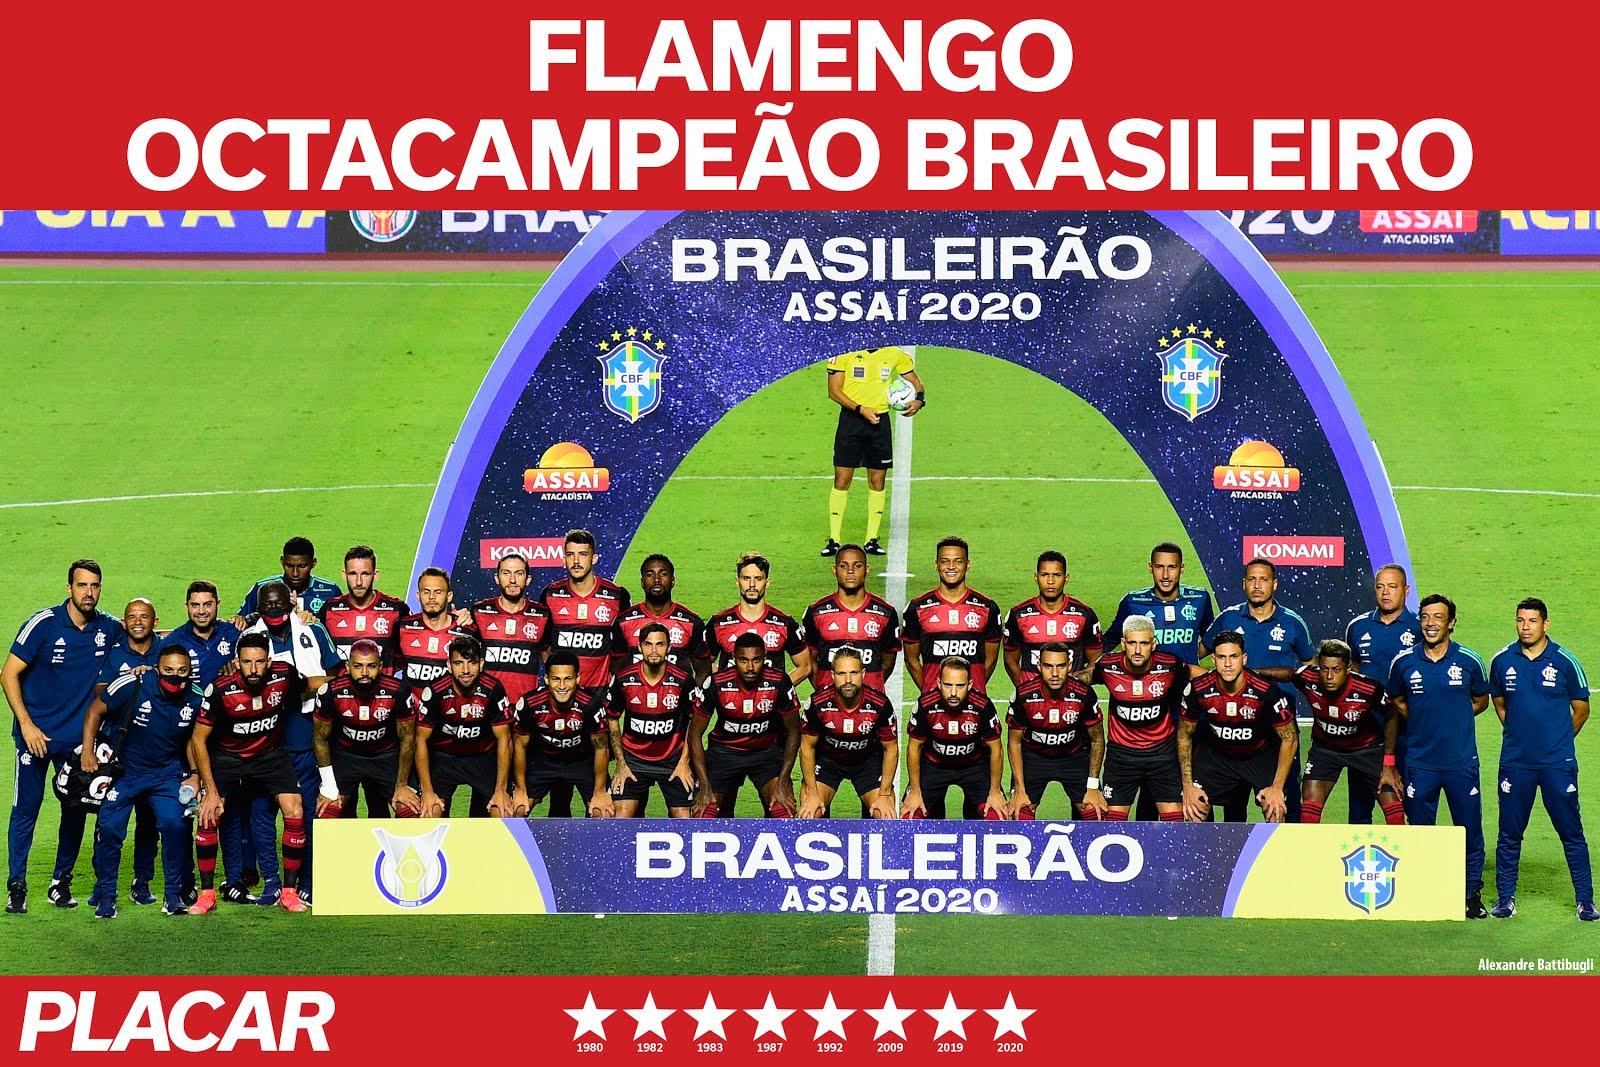 FLAMENGO BI CAMPEÃO BRASILEIRO 2020